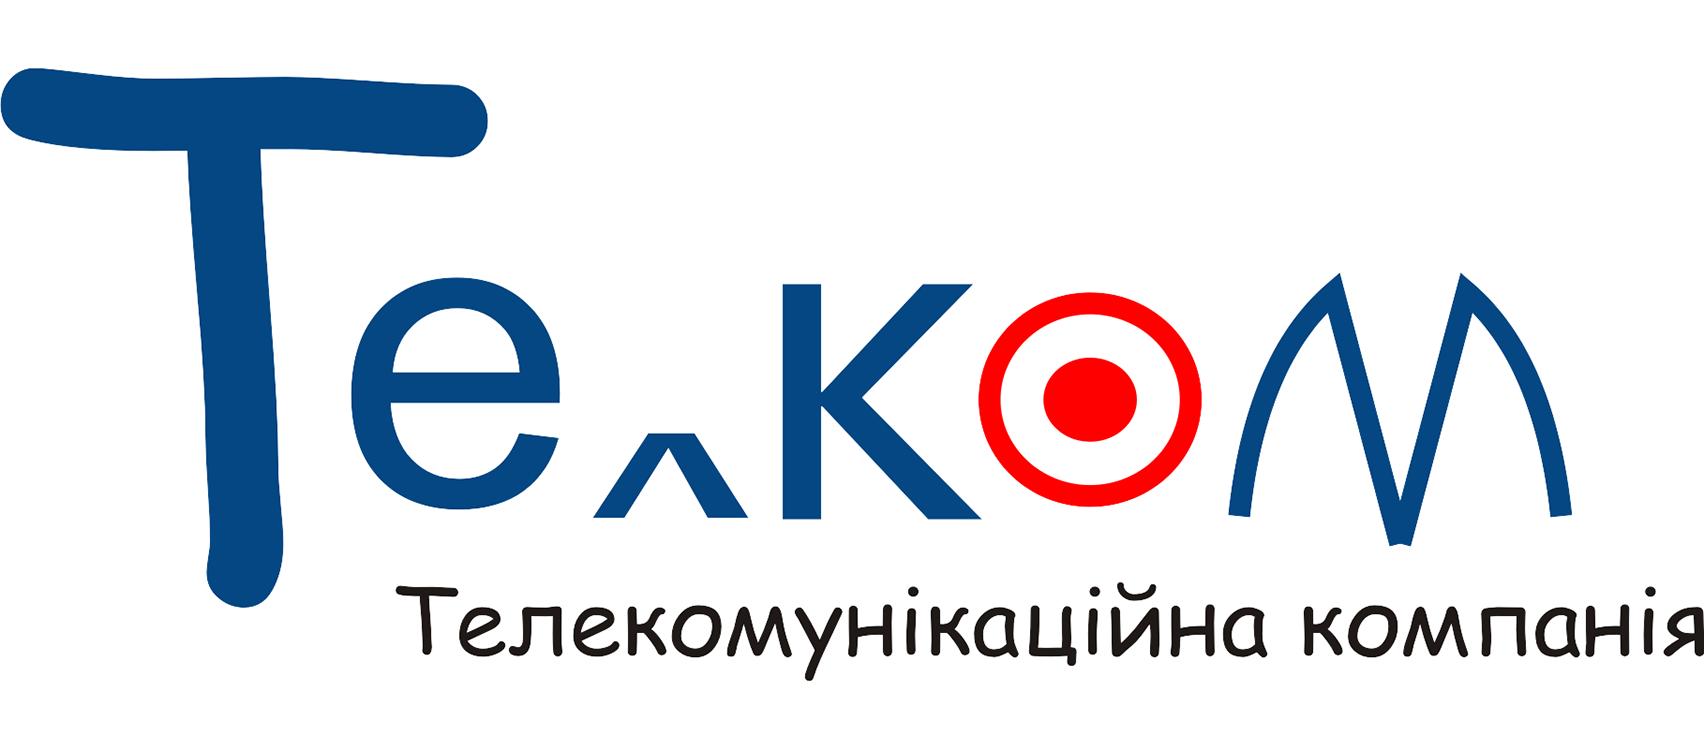 ТРК ТЕЛКОМ ТВ  (смт.Десна)